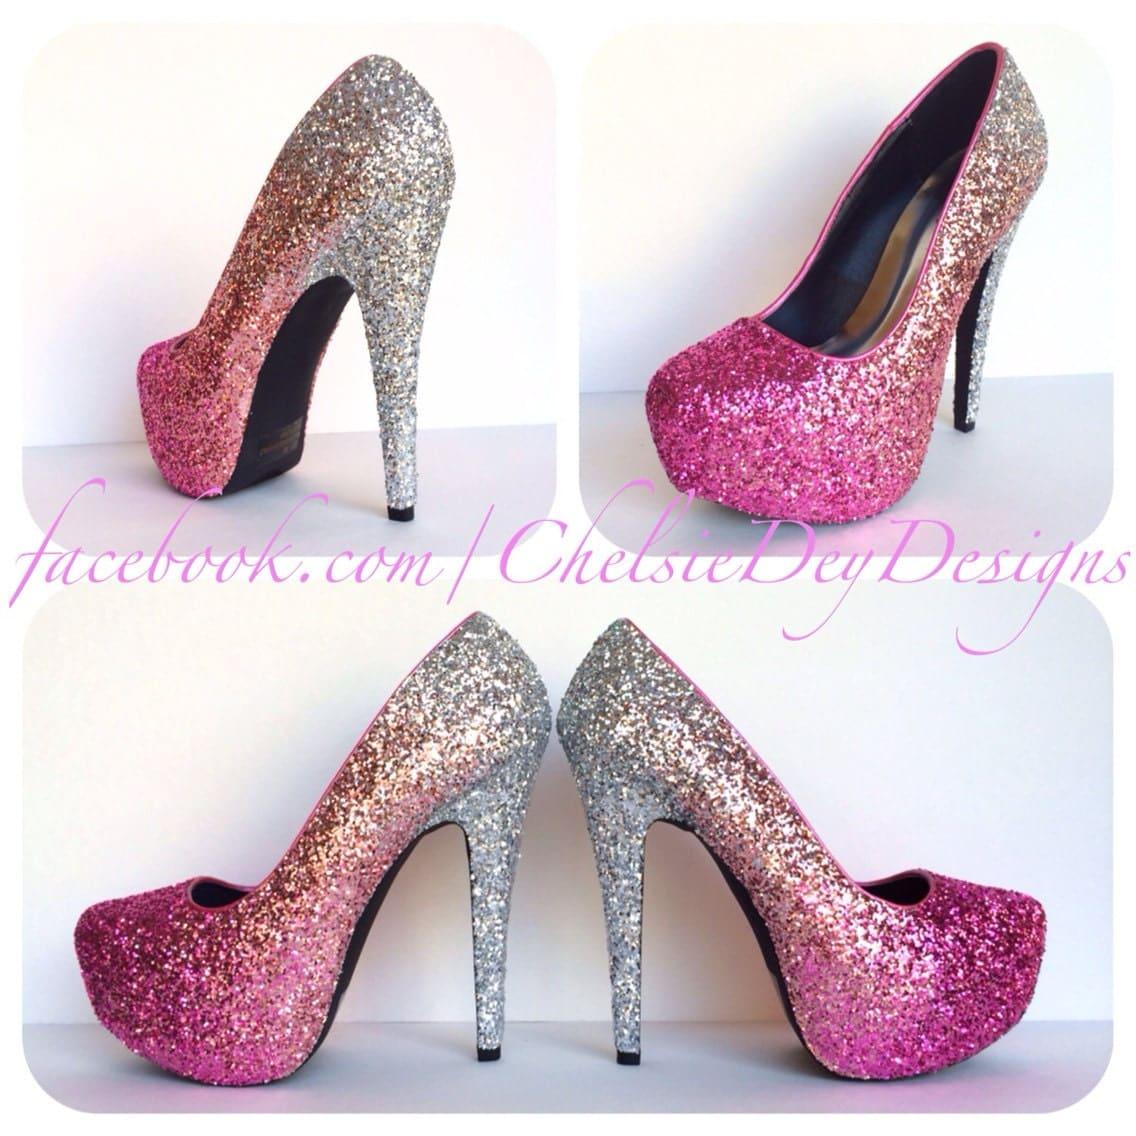 glitter high heels hot pink pumps light pink silver ombre. Black Bedroom Furniture Sets. Home Design Ideas